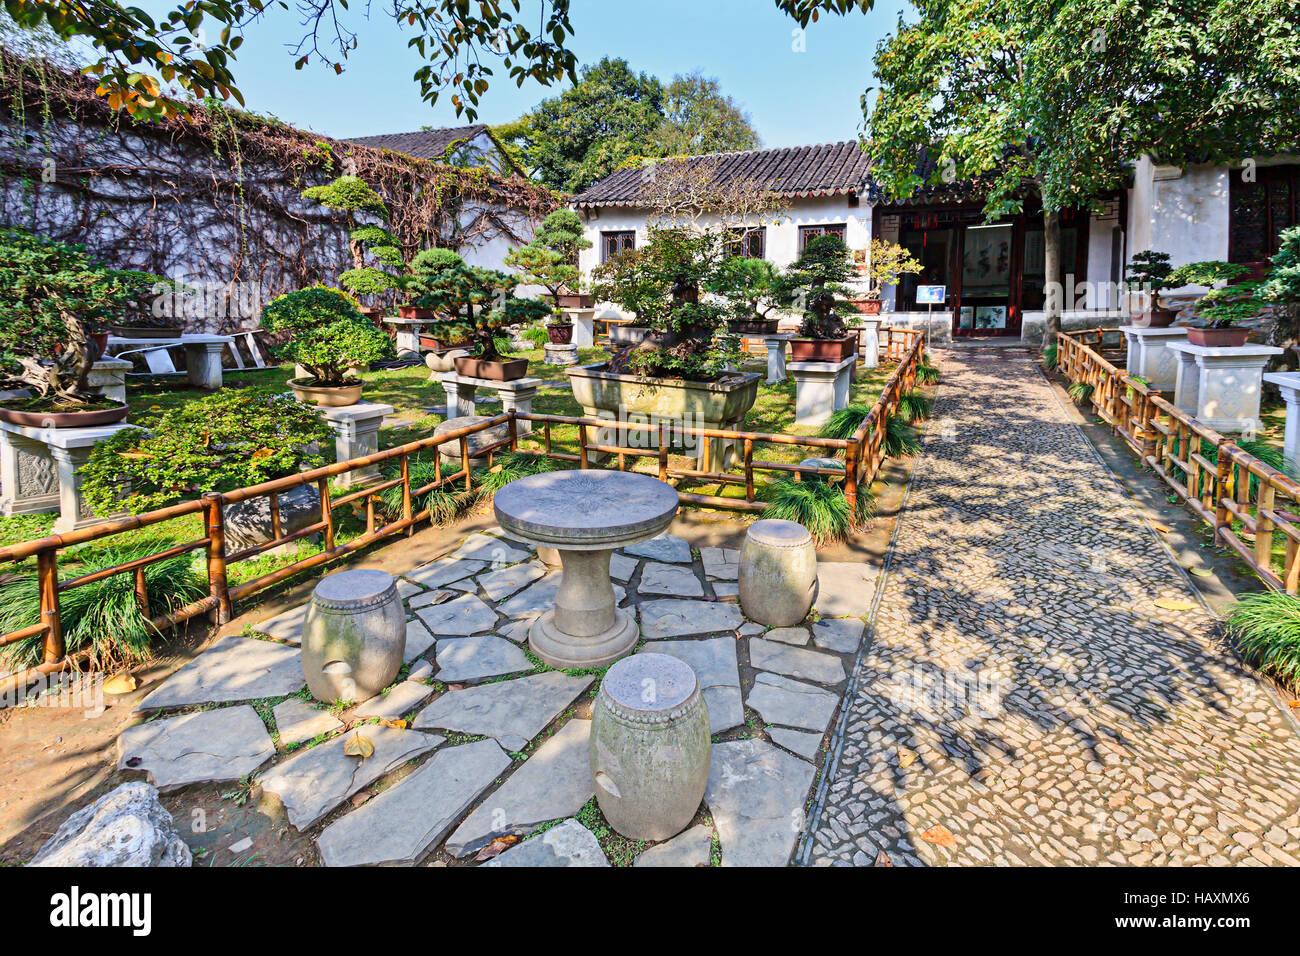 Stunning cinese giardino in miniatura di alberi di bonsai - Giardino in miniatura ...